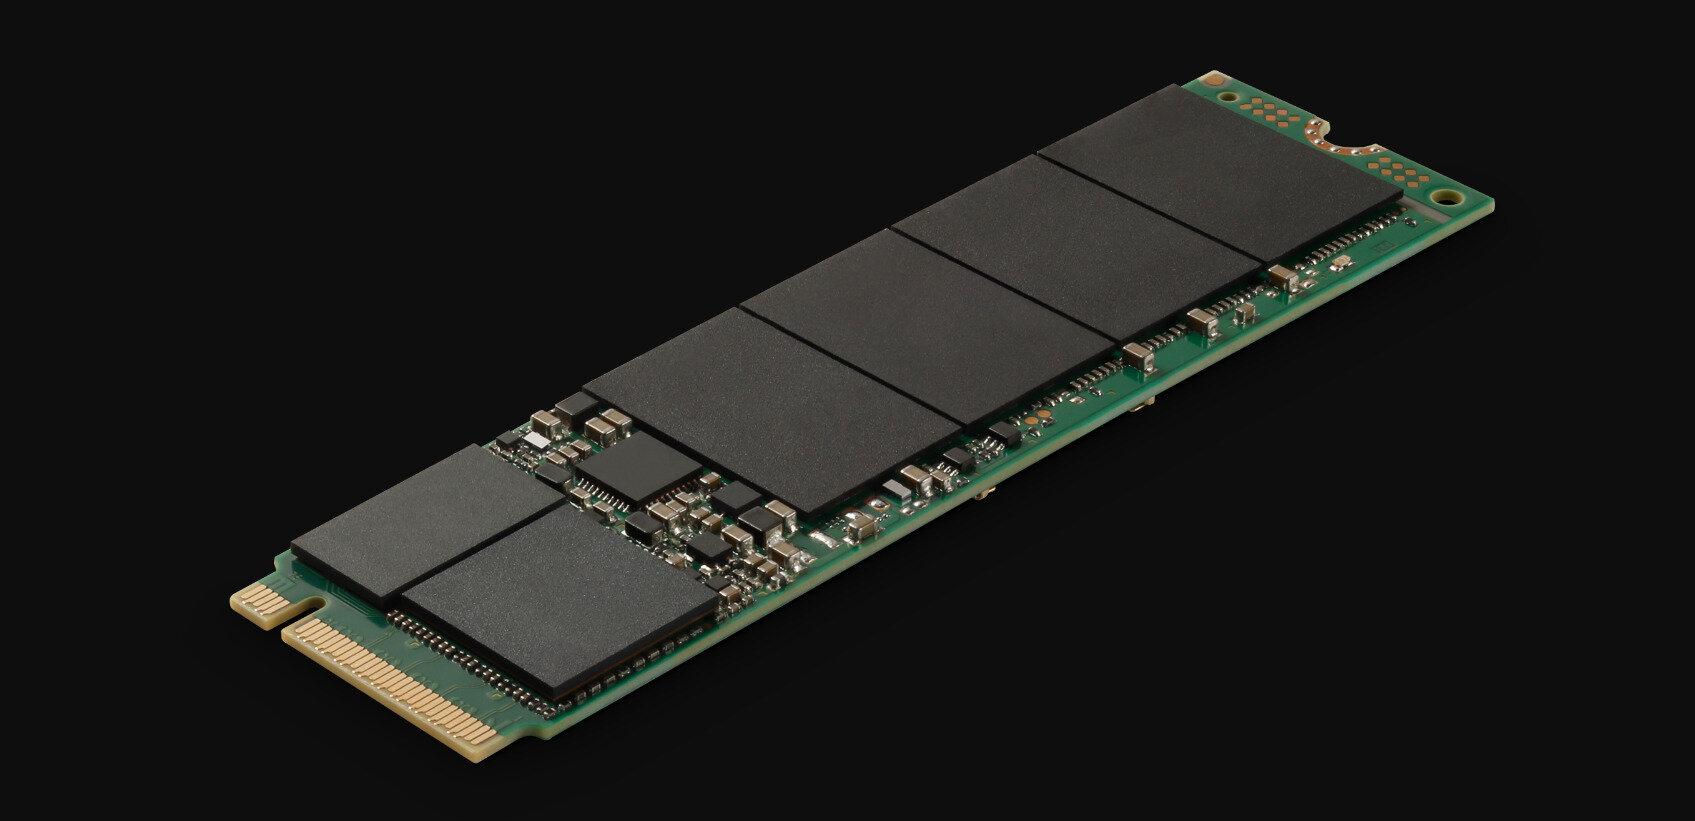 Micron 2200 : des SSD M.2 PCIe (NVMe) jusqu'à 3 Go/s avec un contrôleur maison